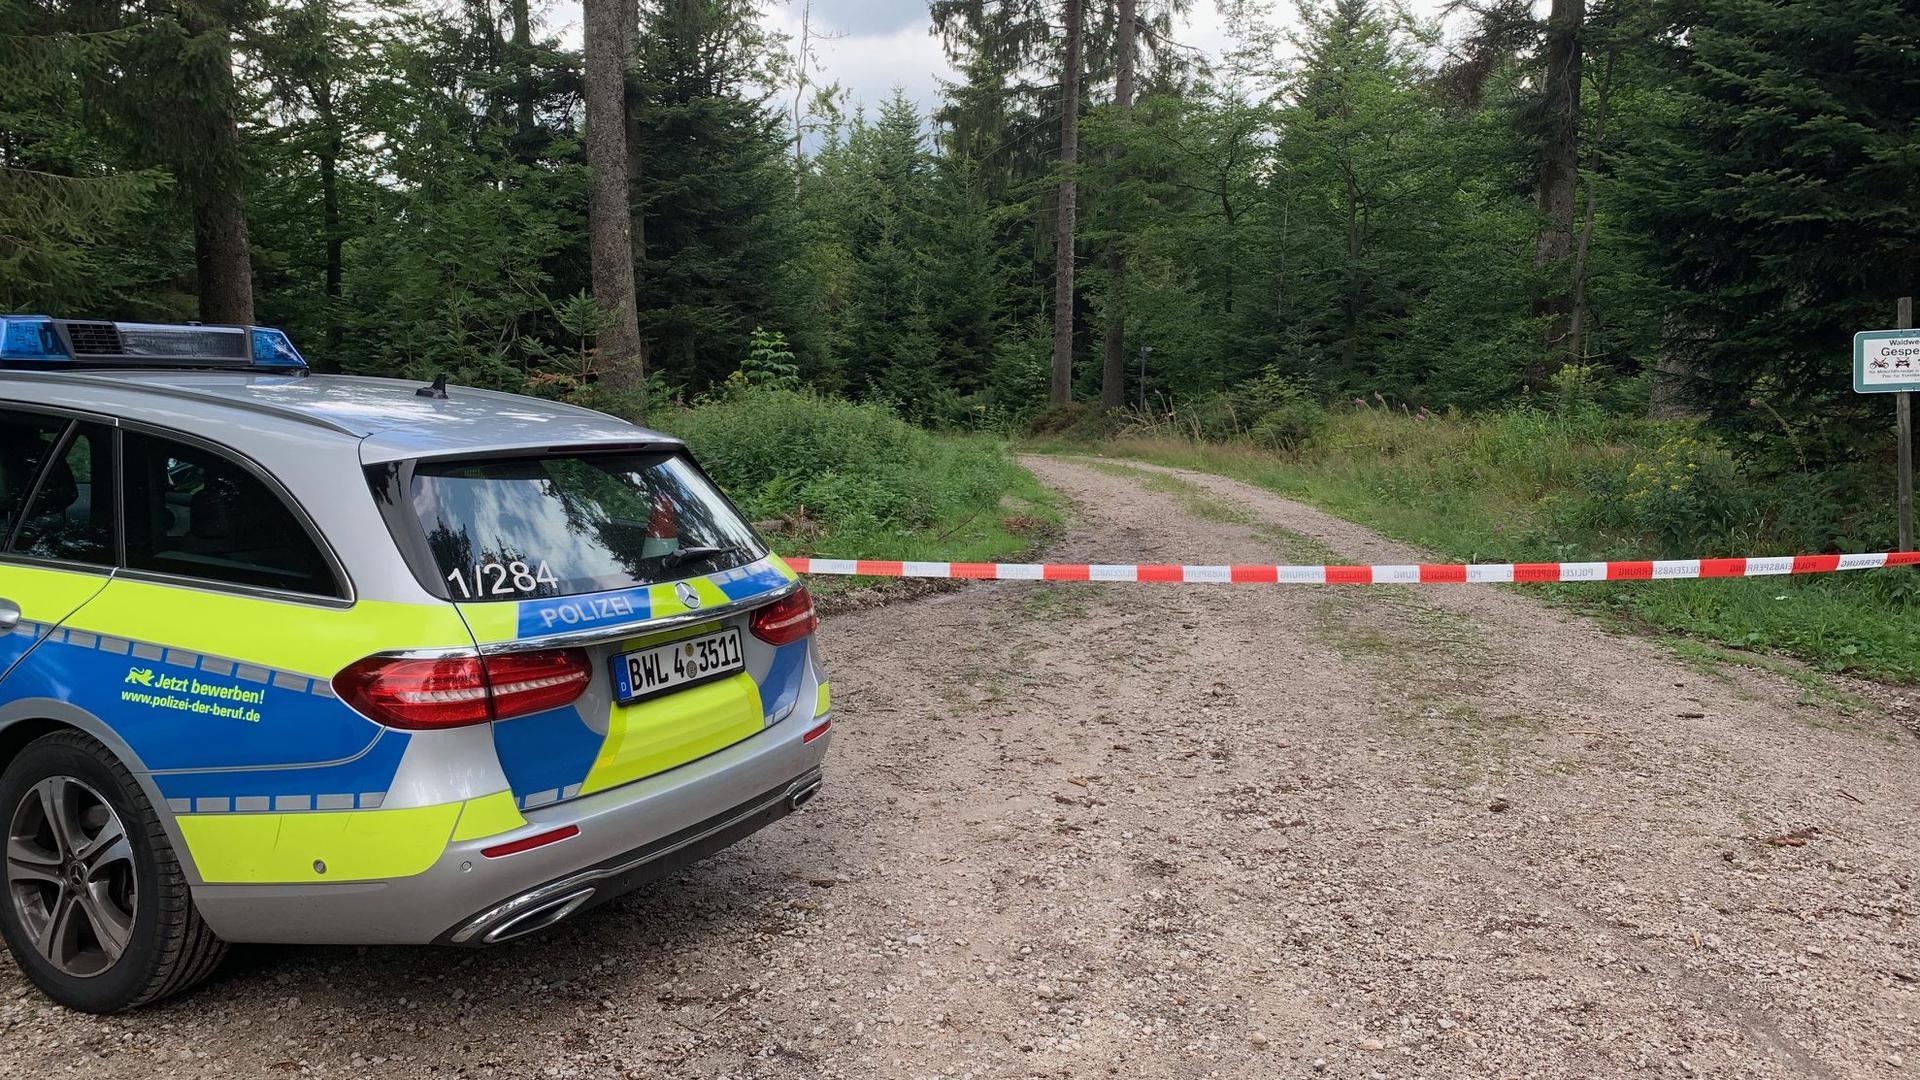 In einem Waldstück unweit der Schwarzwaldhochstraße wurden zwei Leichen gefunden. Die Polizei sperrte die Fundstelle weiträumig ab.